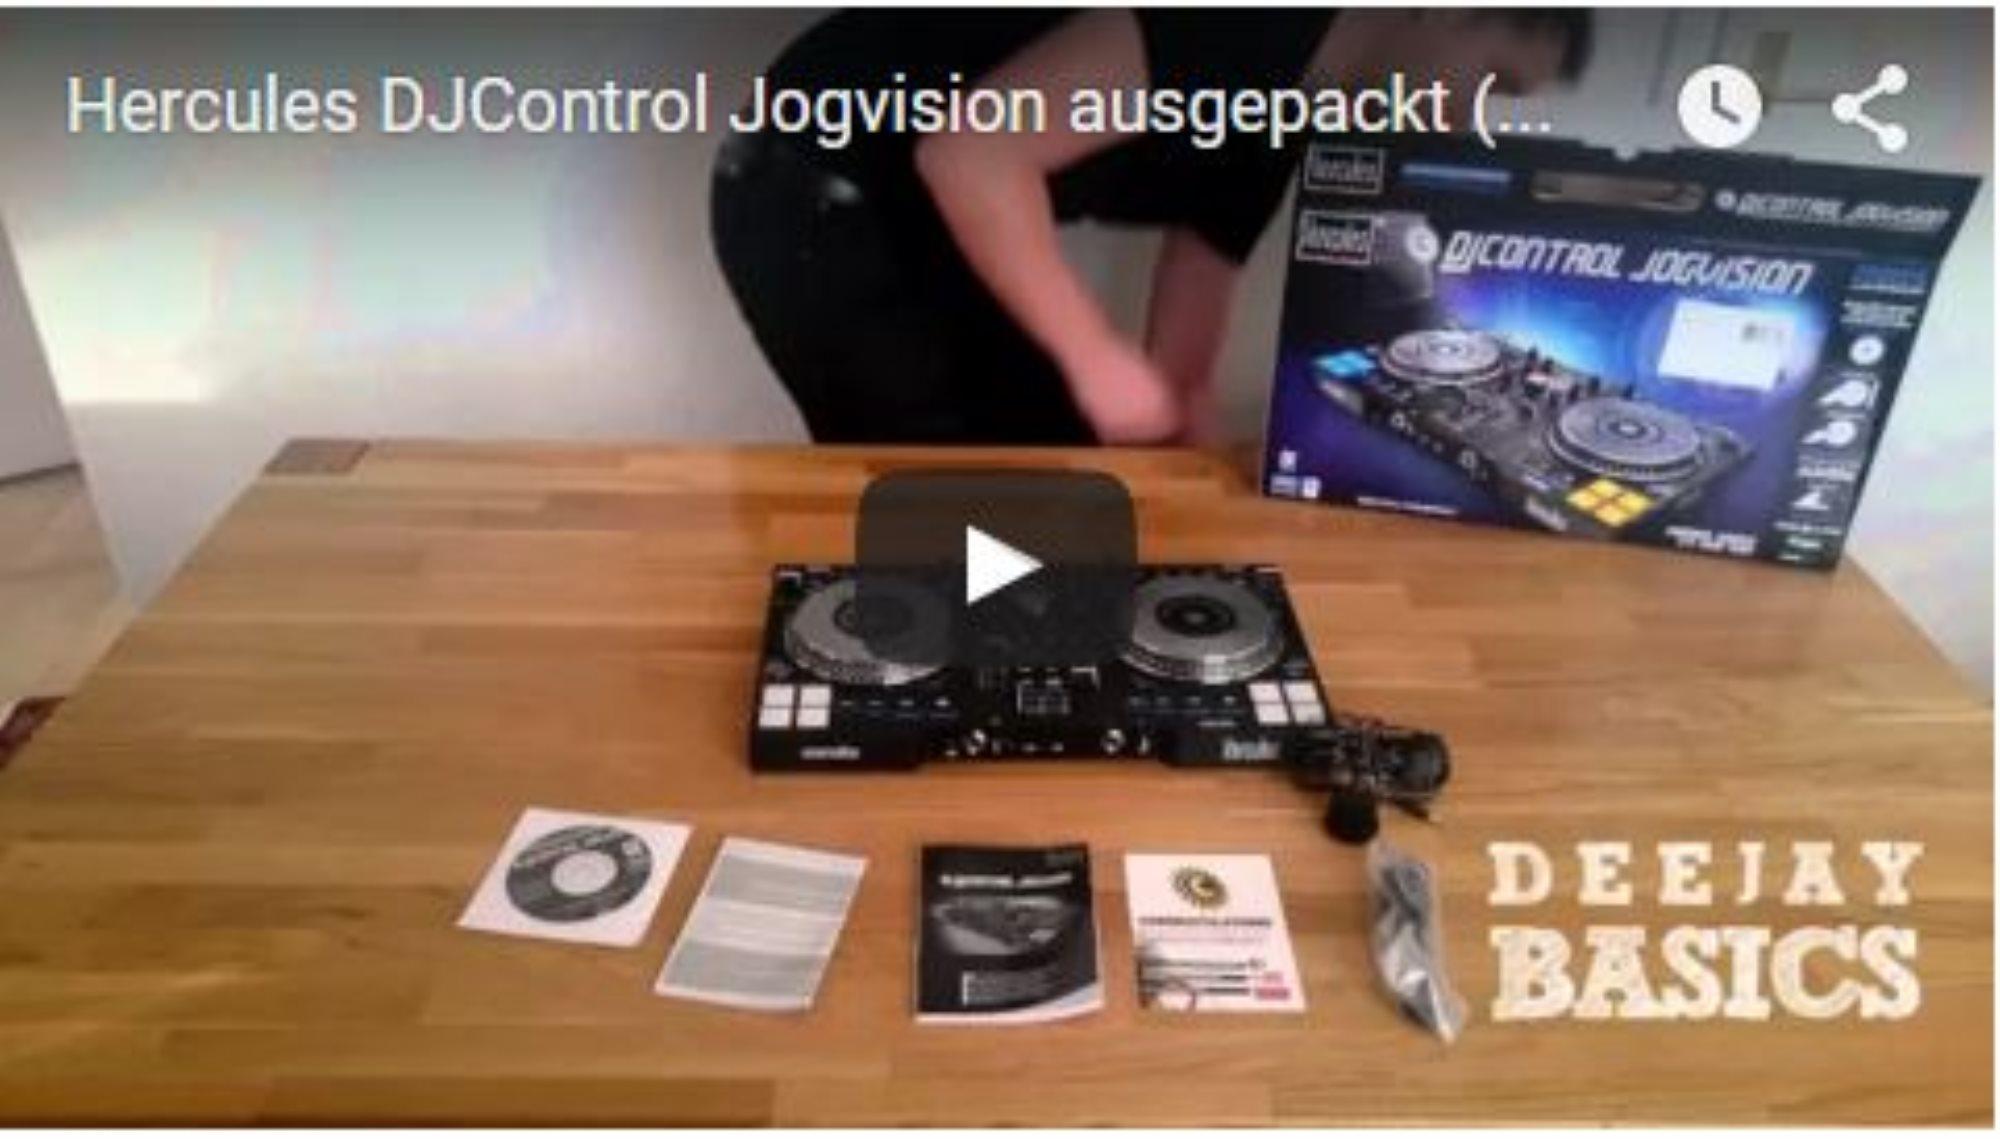 Hercuels DJControl Jogvision ausgepackt